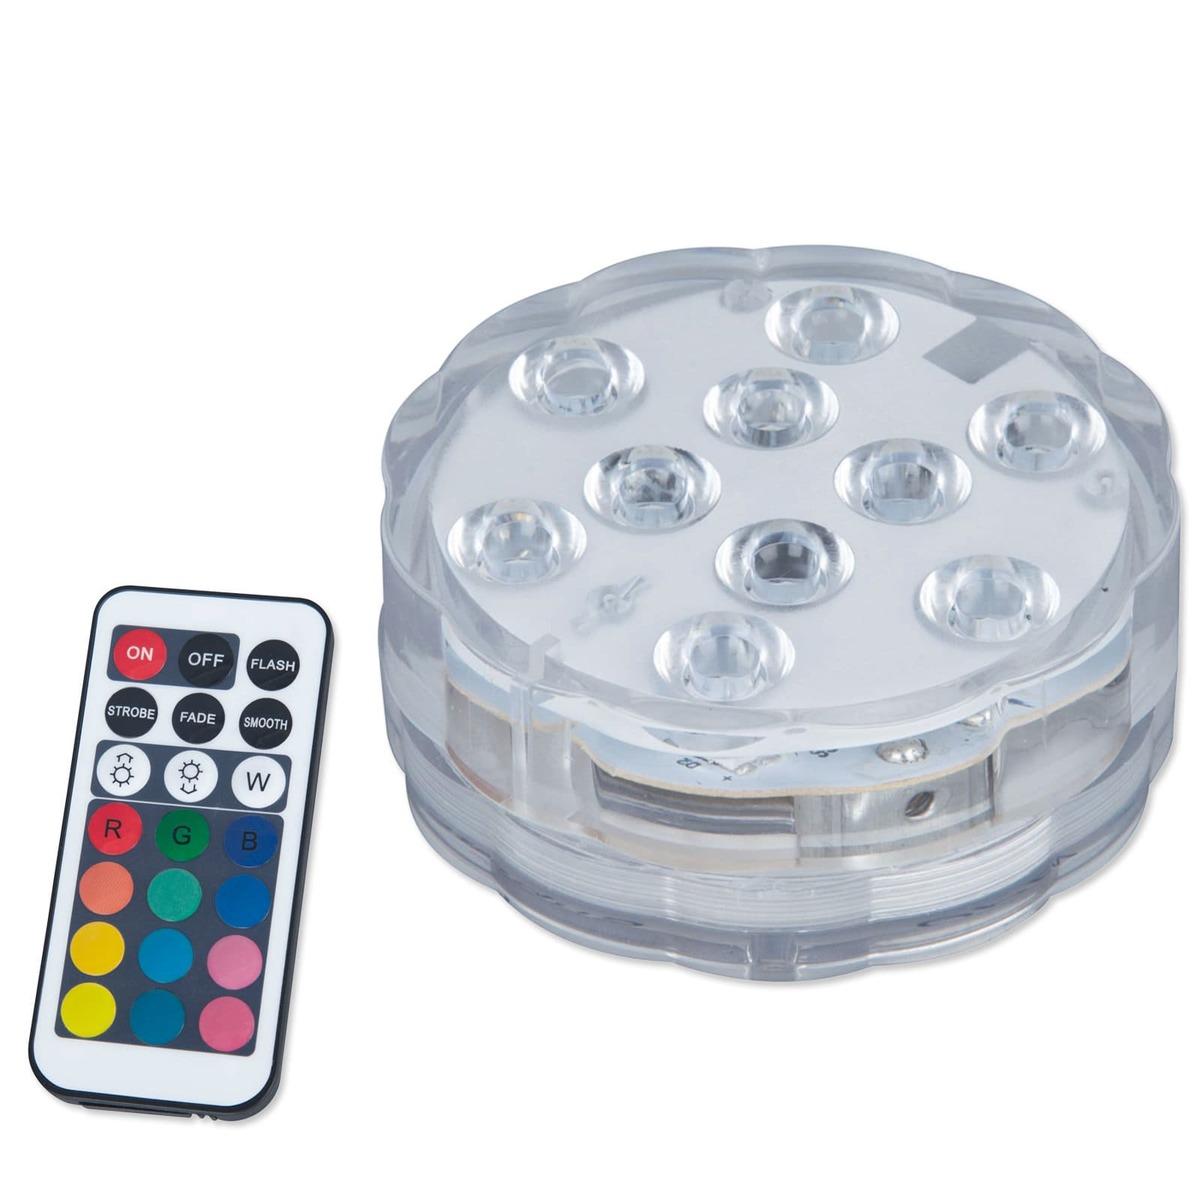 Bild 1 von LAMPURA LED-RGB-Dekoleuchte - Kunststoff - mit Fernbedienung